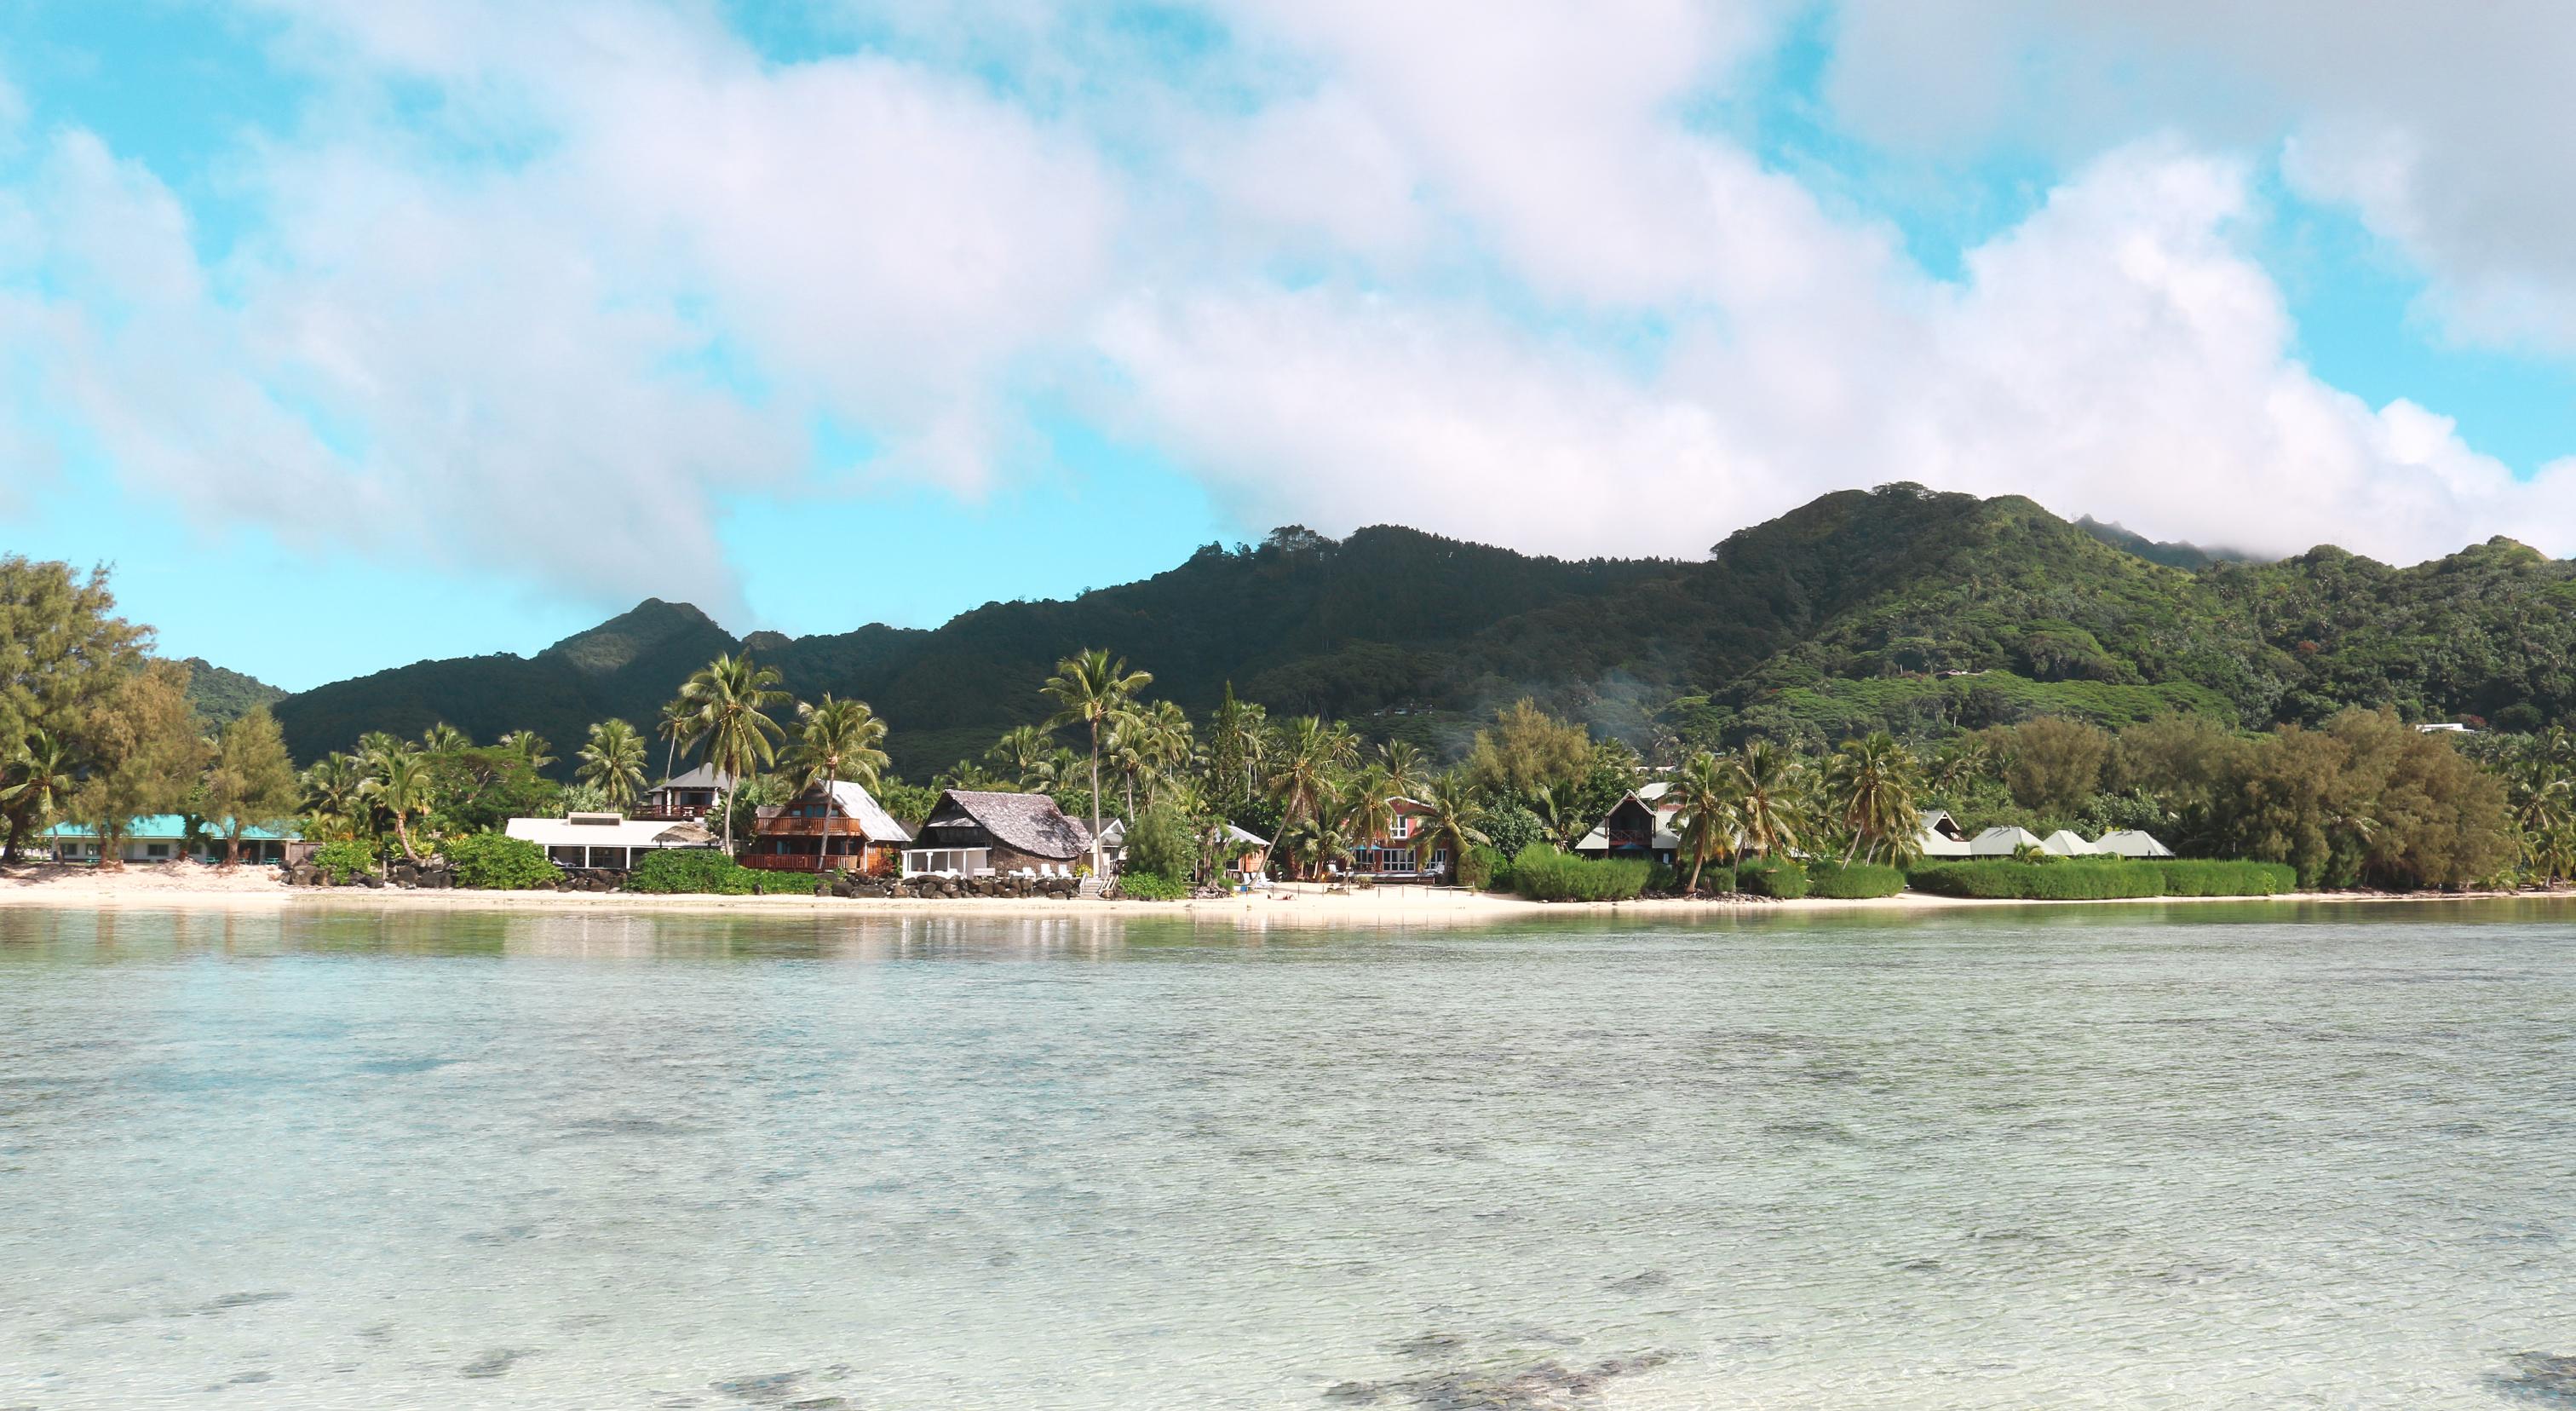 Îles Cook site de rencontre peut médecins datant des patients au Royaume-Uni